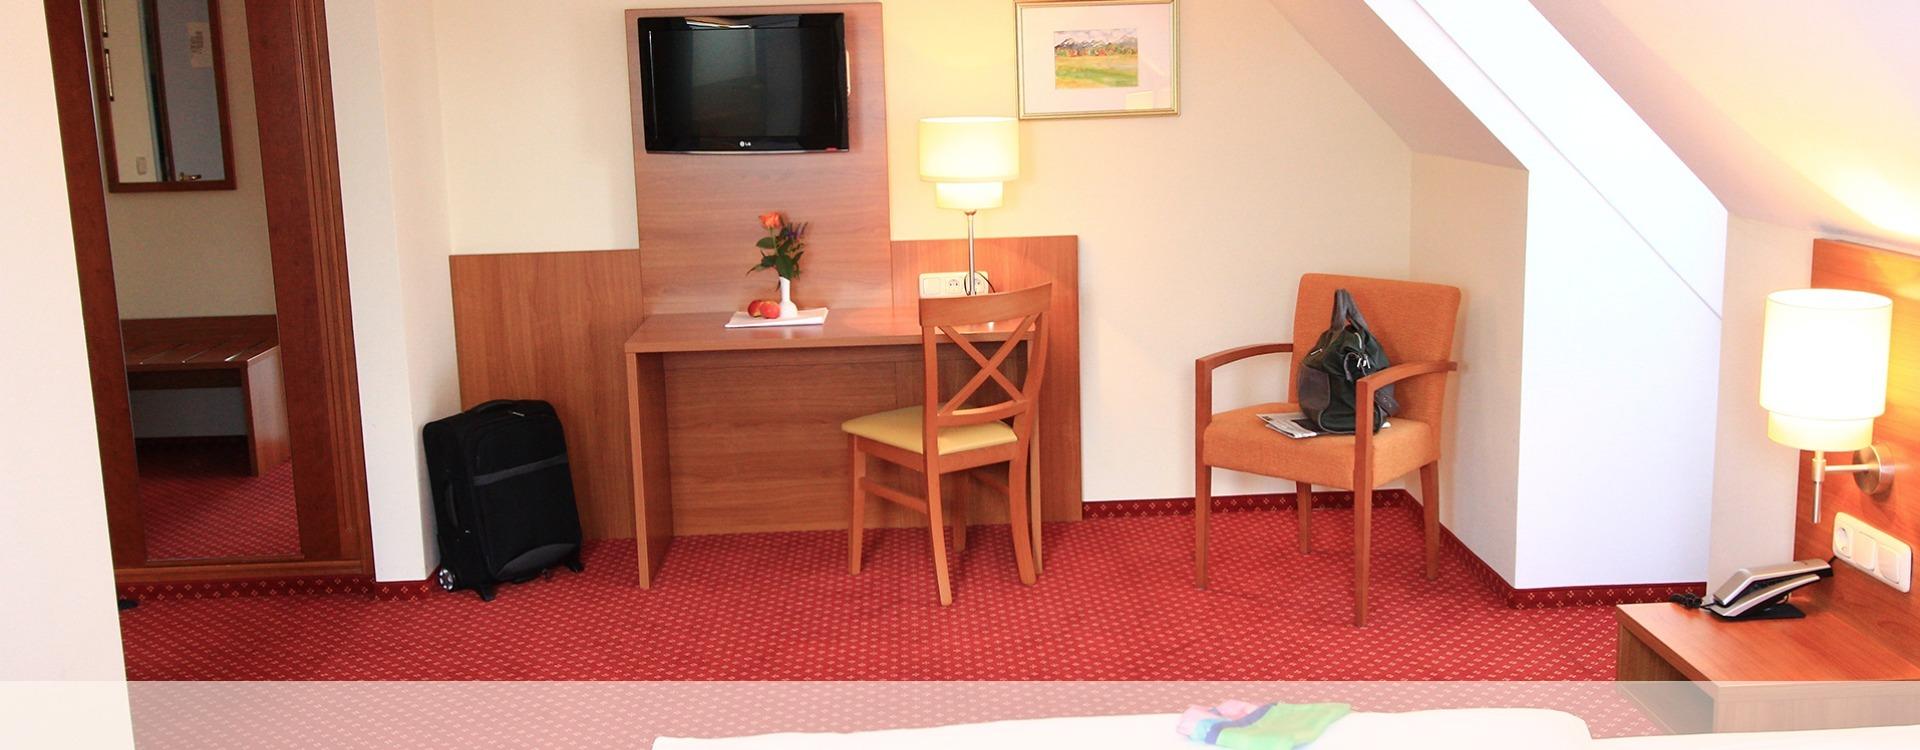 Hotel Eichenau bei München Businesszimmer